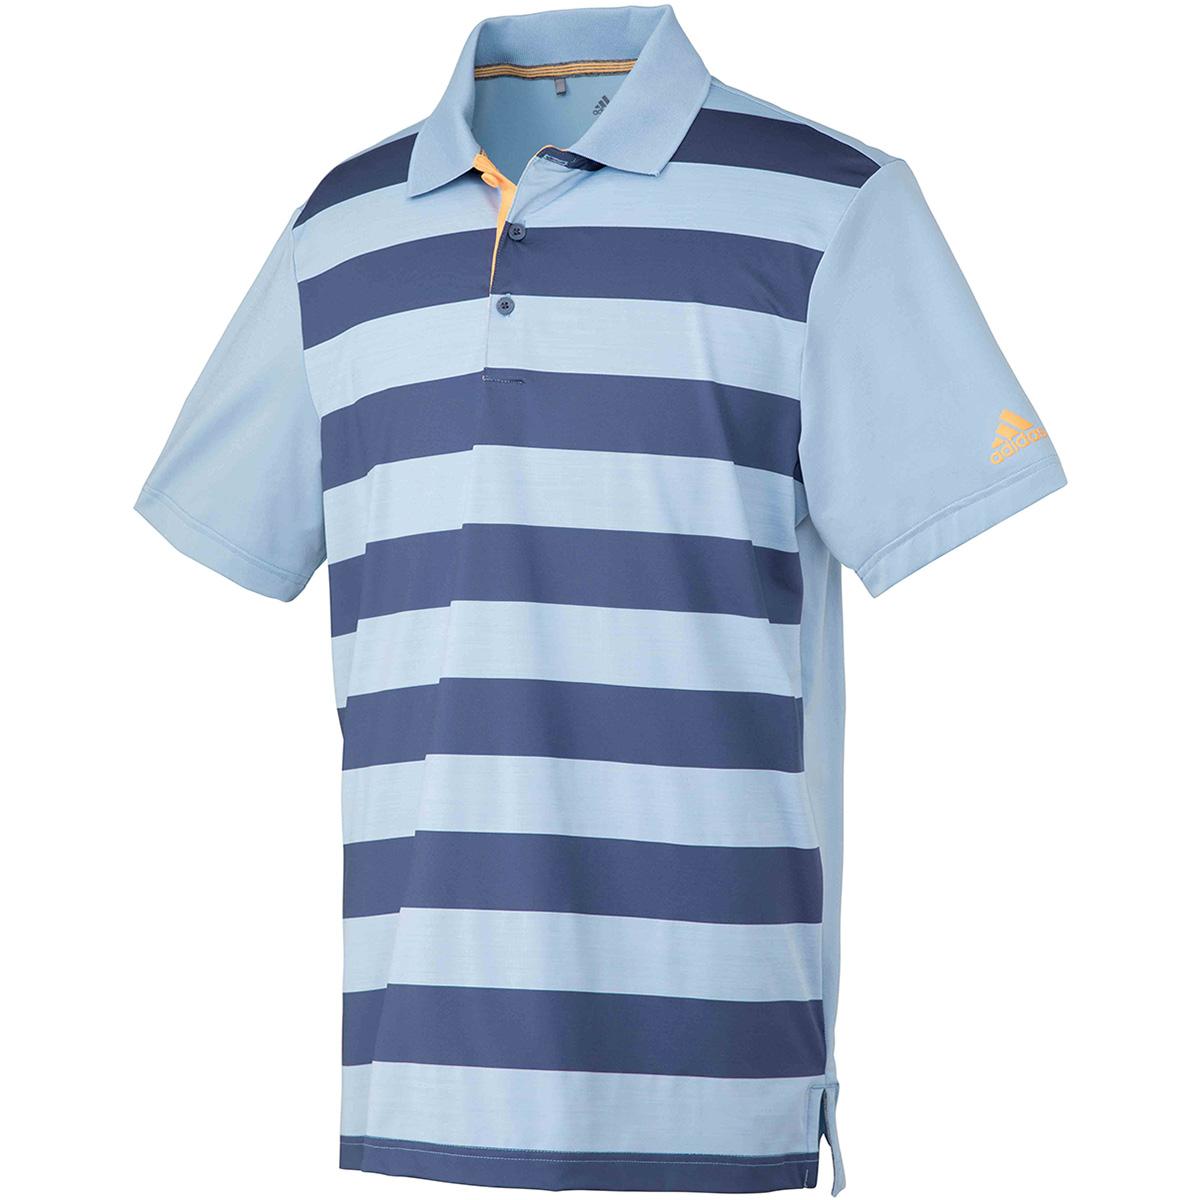 ストレッチ CP ULTIMATE365 ラグビーボーダー 半袖ポロシャツ